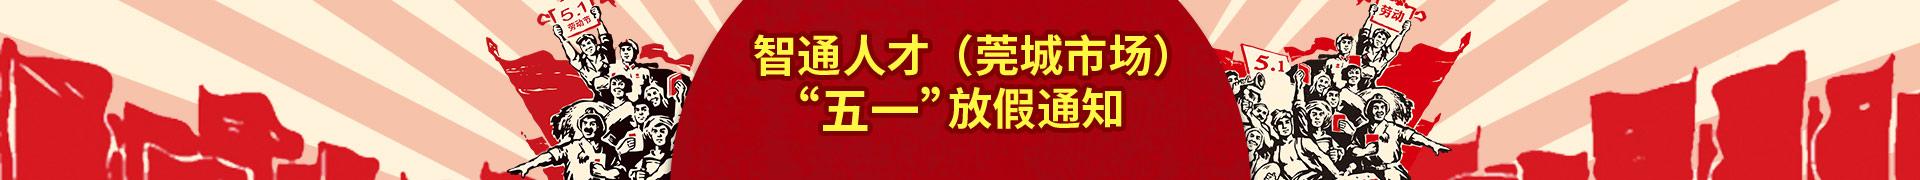 """智通人才(莞城市场)""""五一""""放假通知!"""